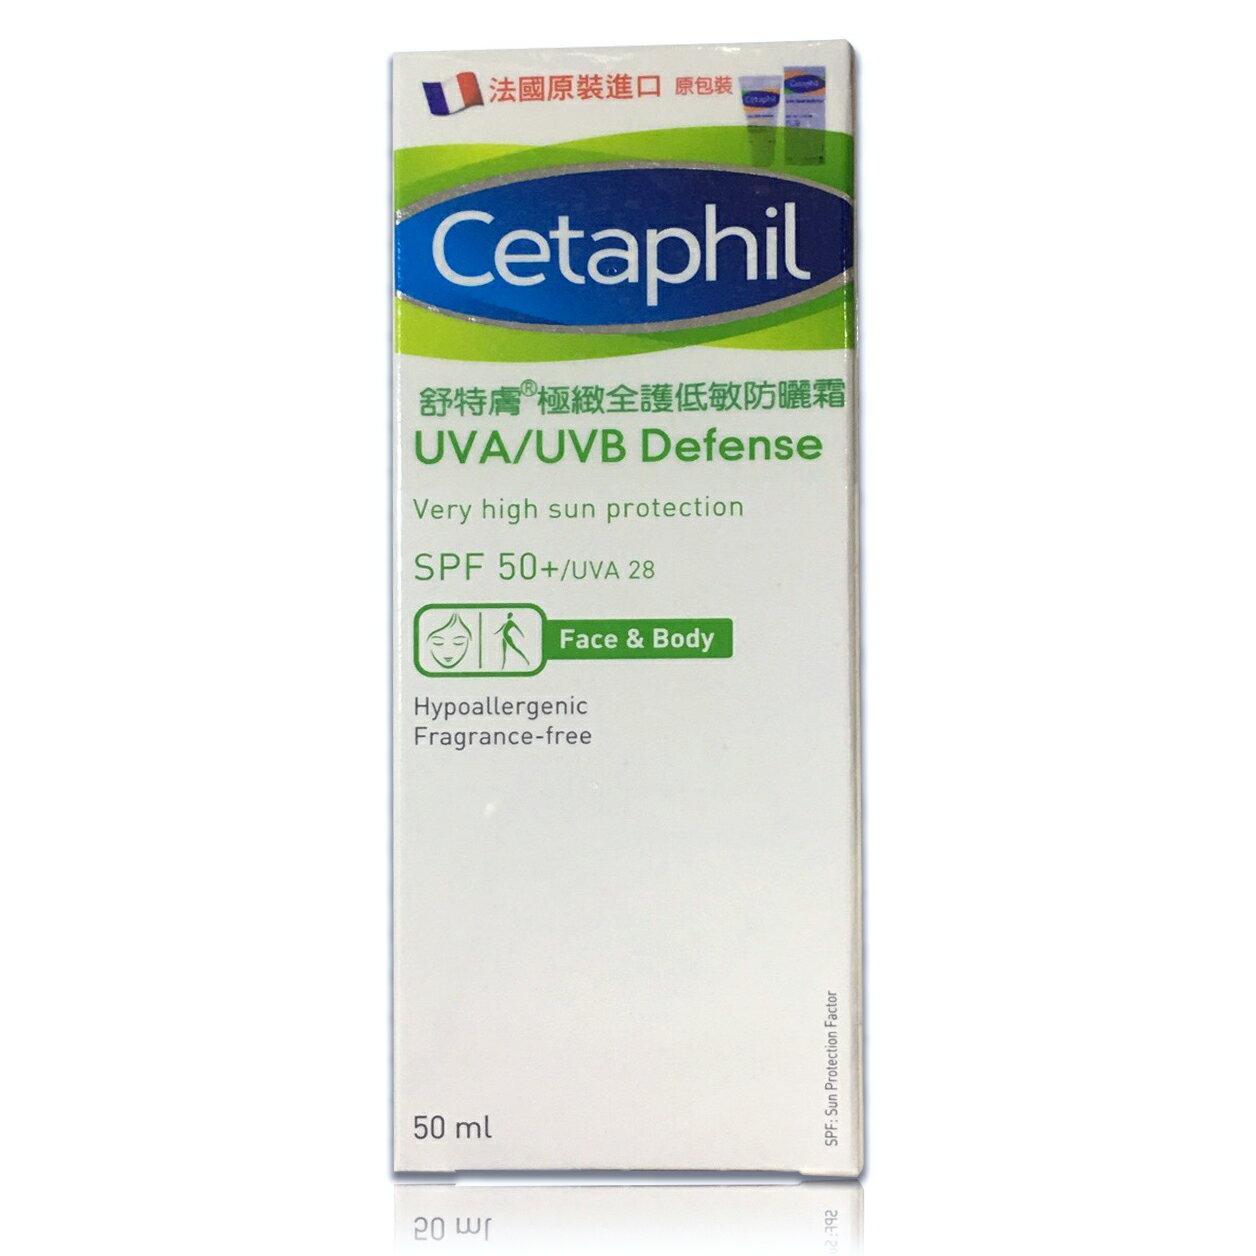 新包裝Cetaphil 舒特膚 極緻全護低敏防曬霜SPF50+ 50ml 2019/10 公司貨中文標 PG美妝